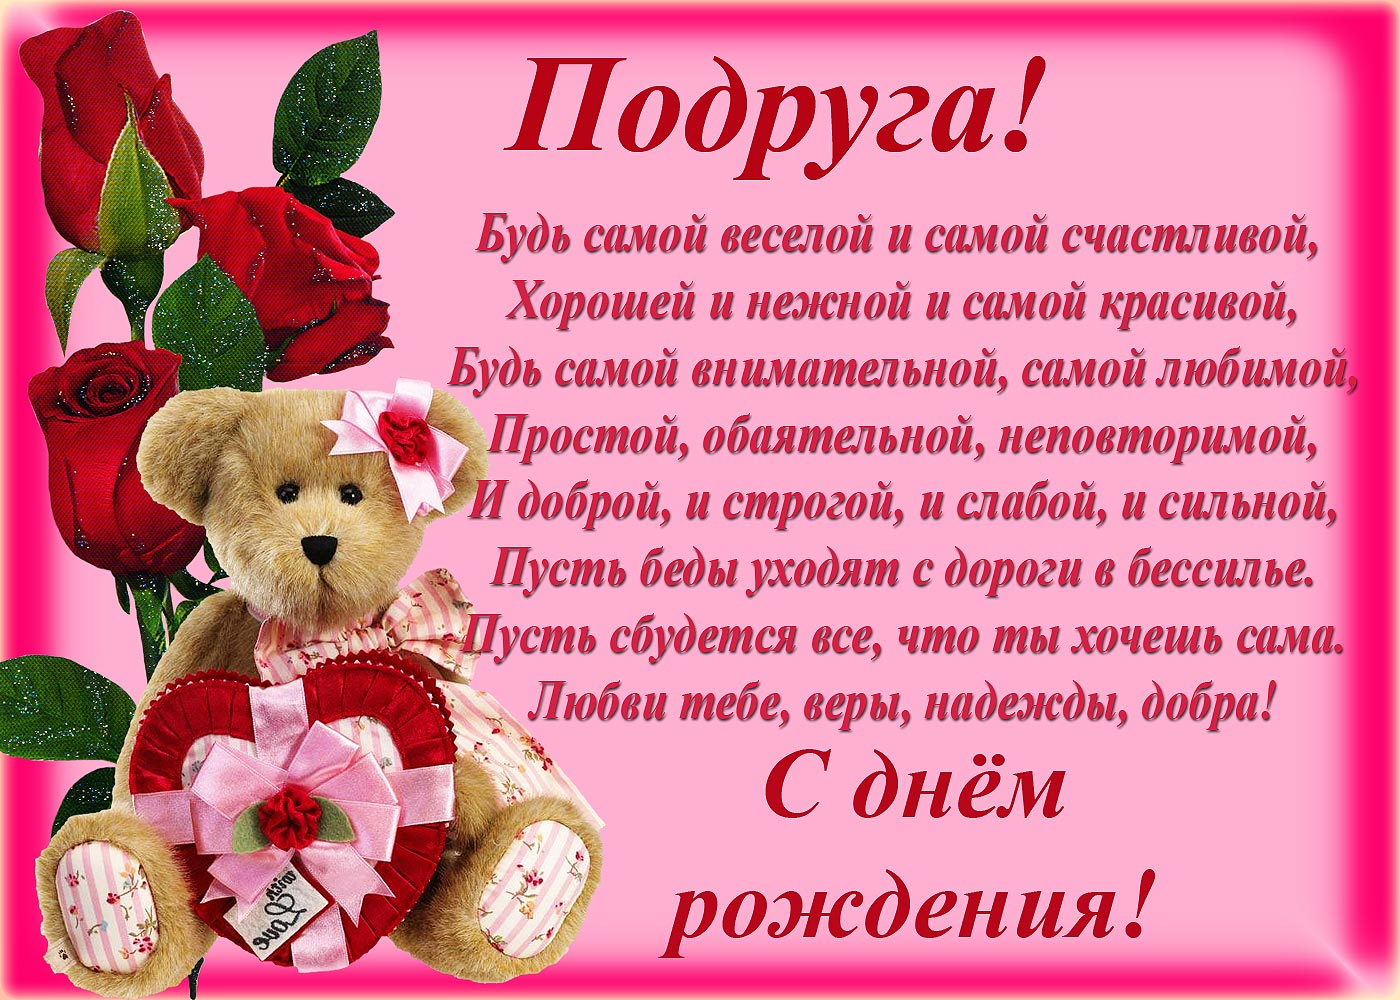 Поздравления с днем рождения для завистливой подруги